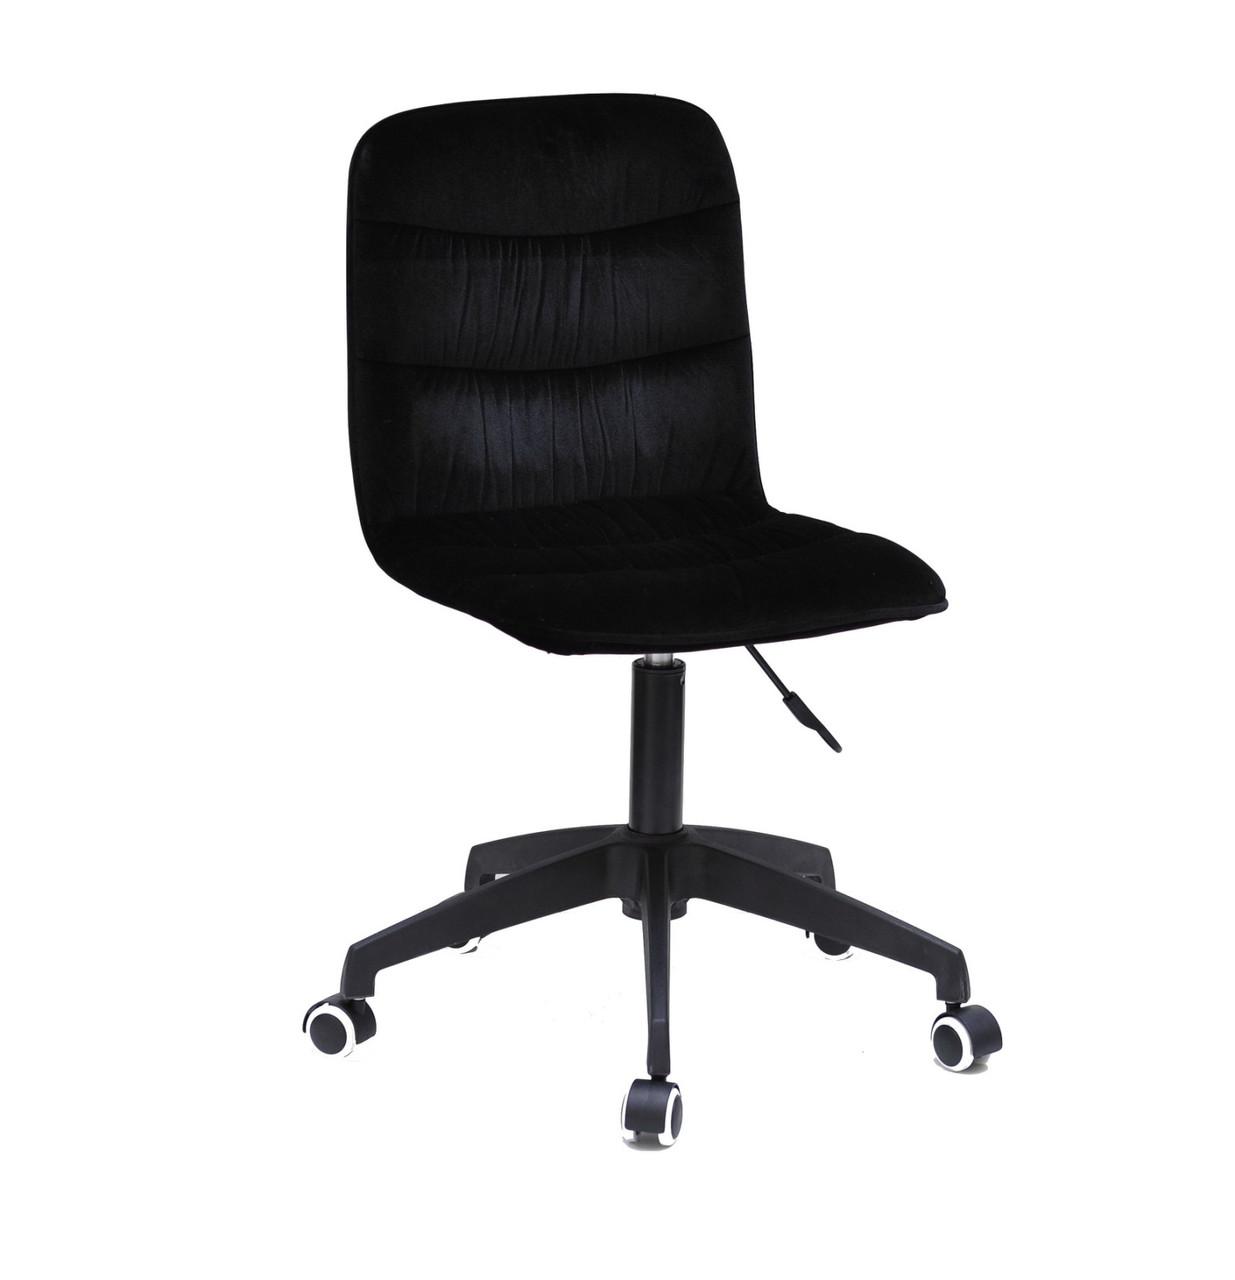 Кресло офисное  на колесах  SPLIT  MODERN  BK- OFFICE  бархат  , черный 1011